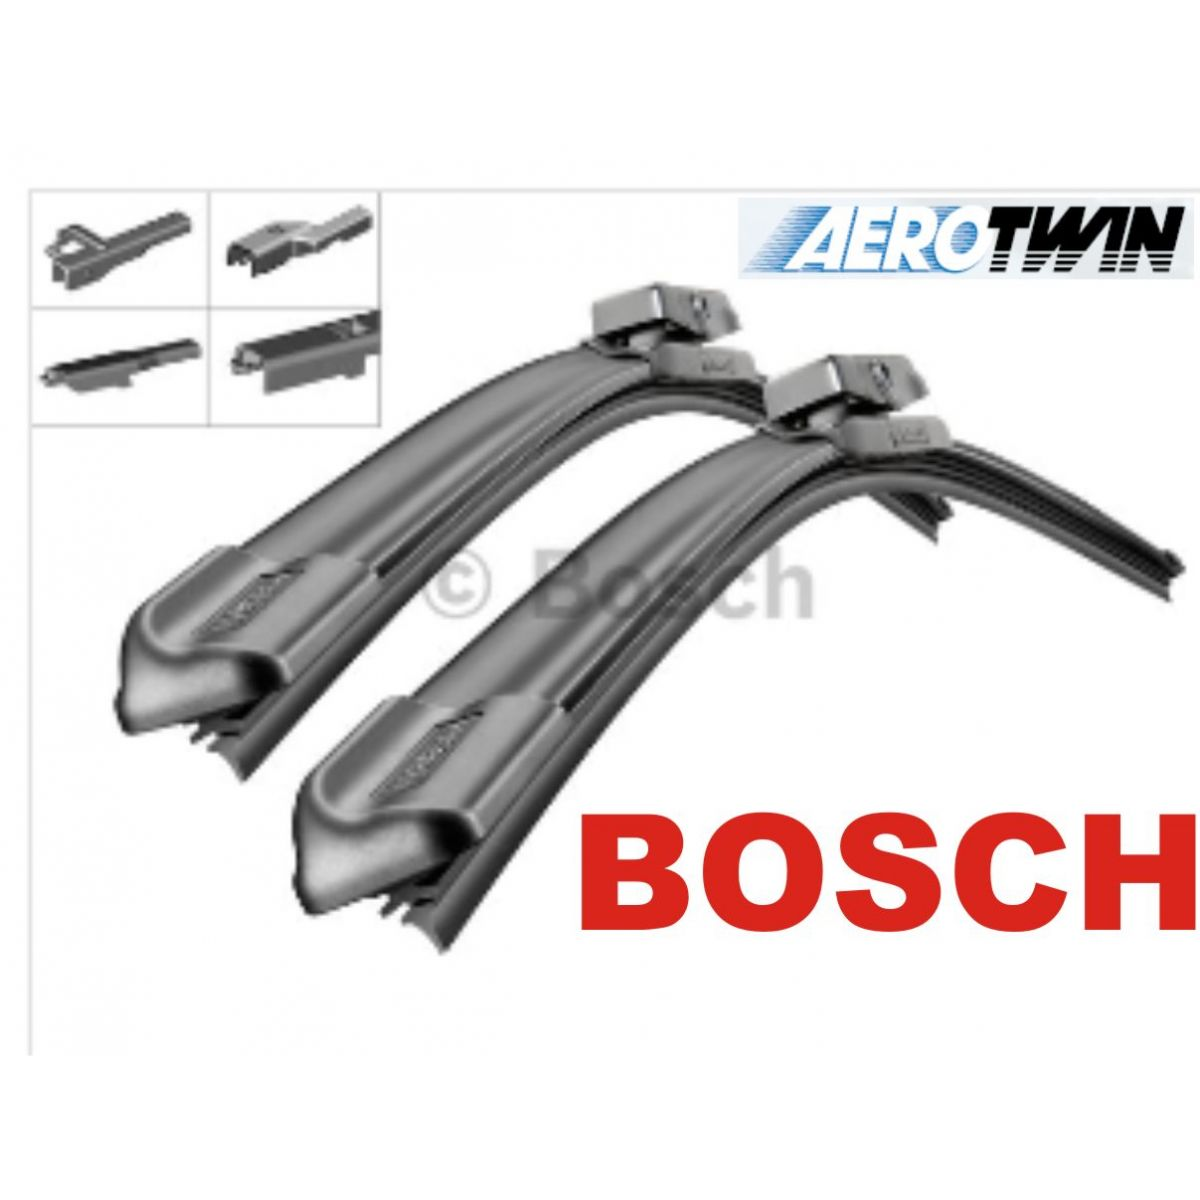 Palheta Bosch Aerotwin Plus Limpador de para brisa Bosch Alfa Romeo 147 ano 2005 até 2010